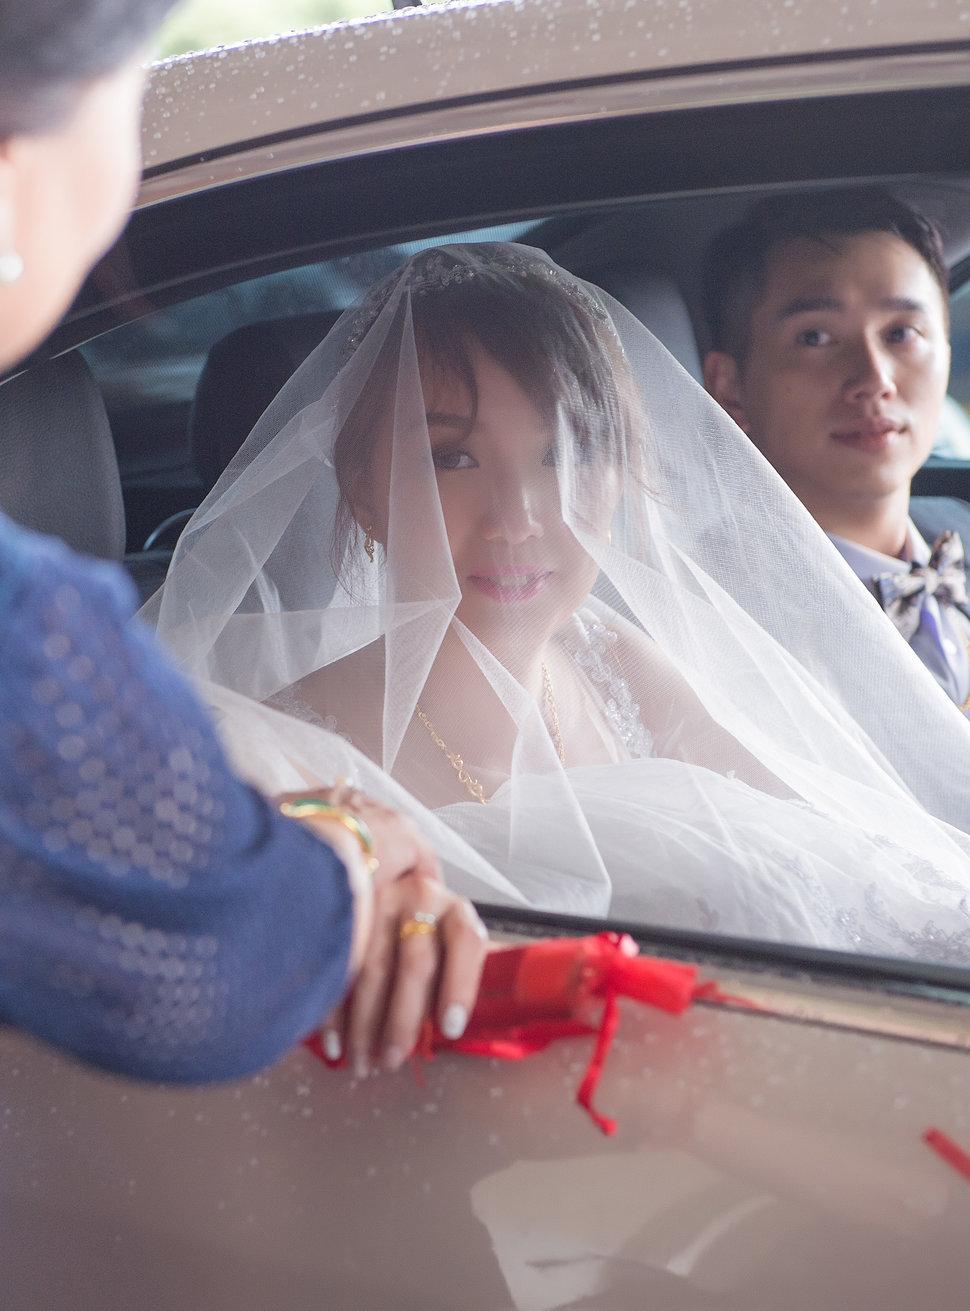 [台北婚攝] 文訂迎娶儀式_台北圓山大飯店(編號:431776) - Allen影像團隊 Love Story - 結婚吧